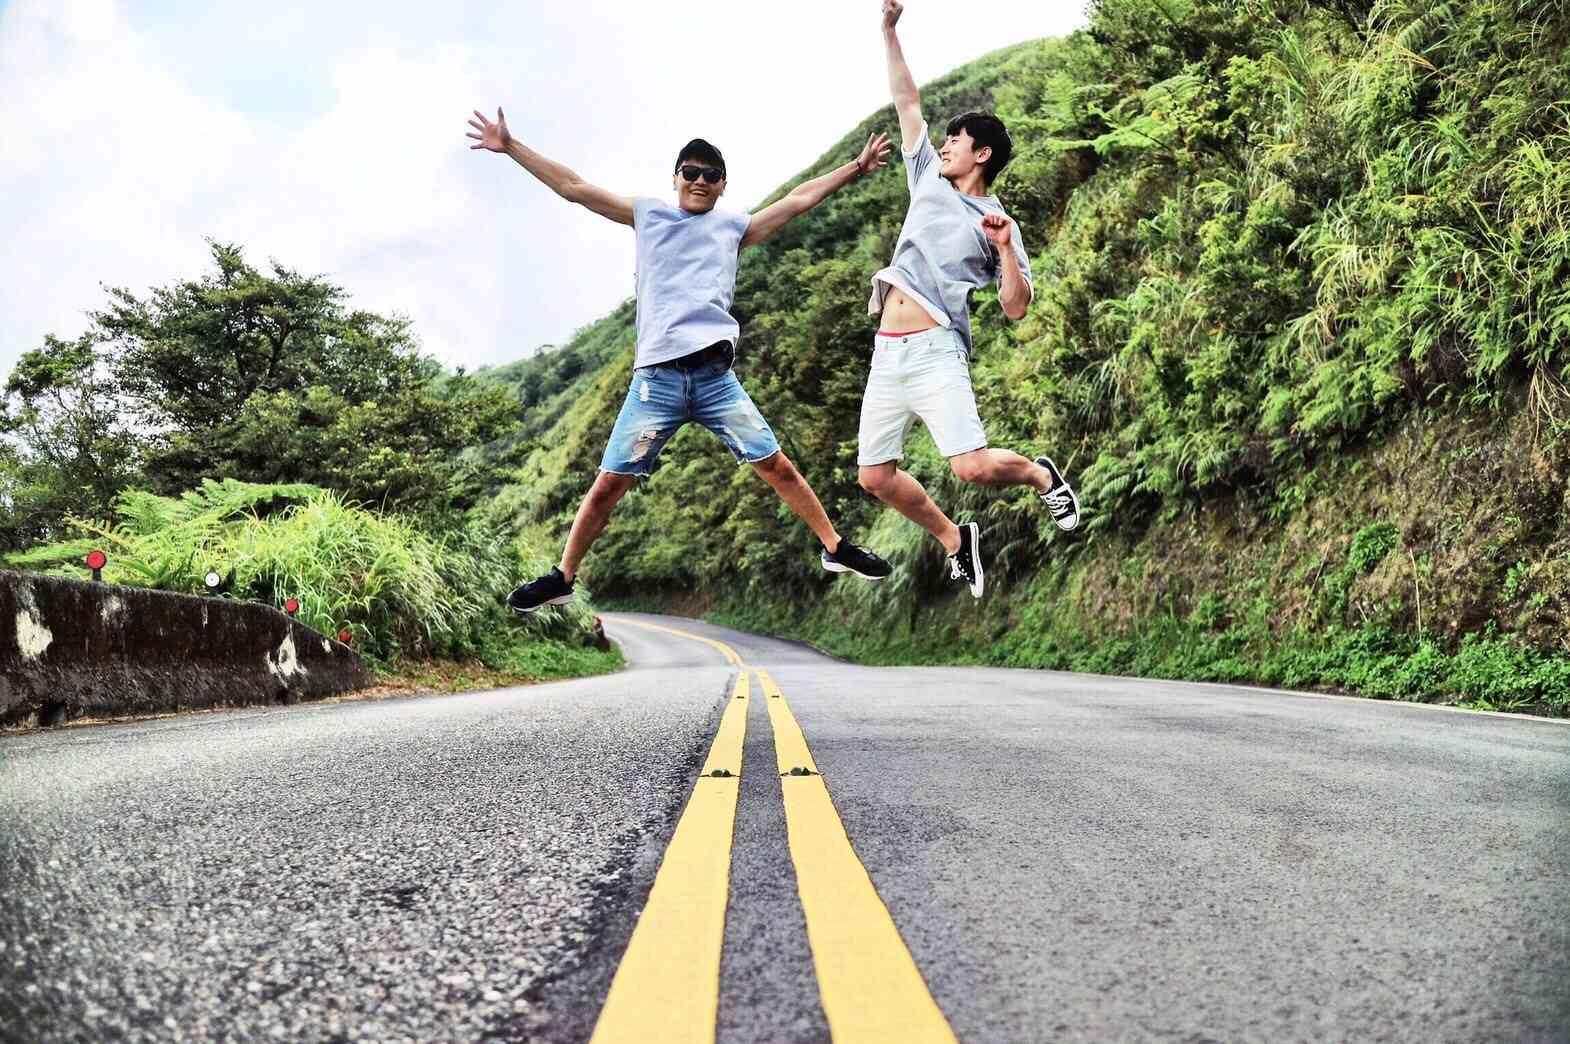 不管是和朋友、情人還是自己,都可以拍出張張超完美的照片,順便踏青,絕對是暑假和好友出遊的好去處囉!